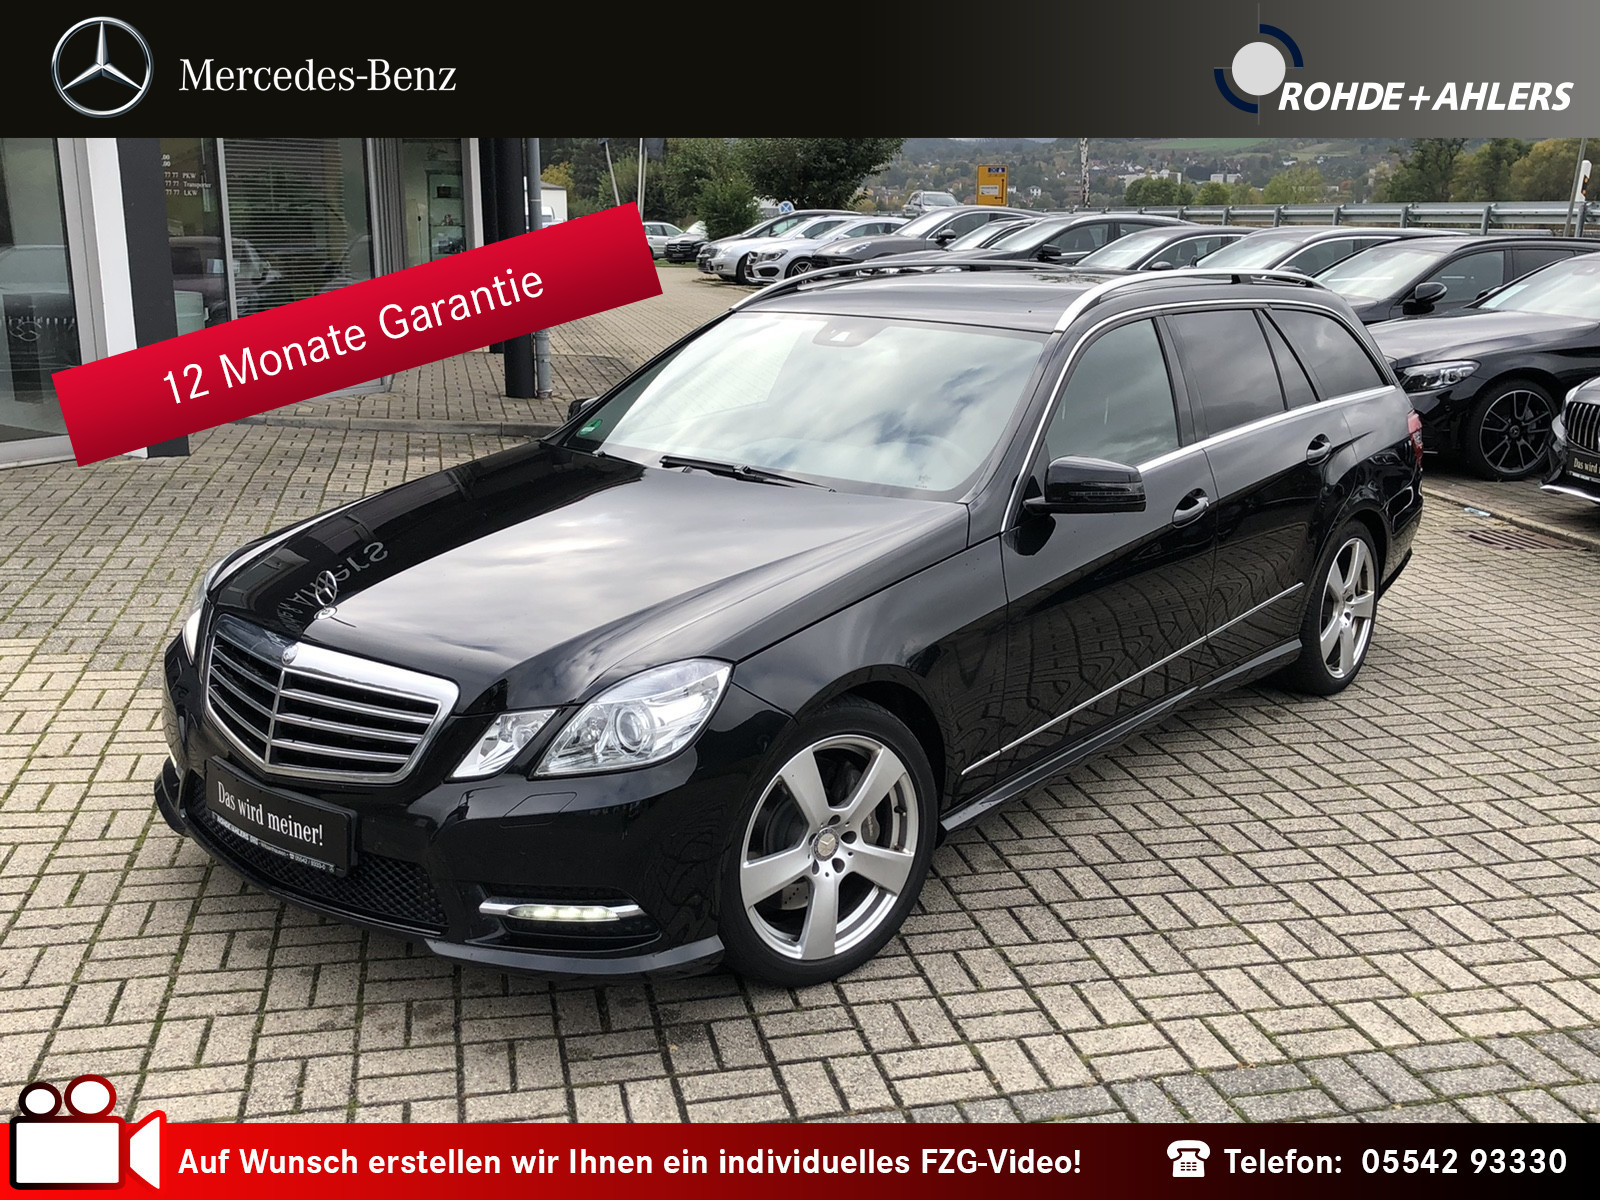 Mercedes-Benz E 350 T CDI AMG+LEDER+KAMERA+XENON+NAVI+SCHIEBED, Jahr 2013, Diesel